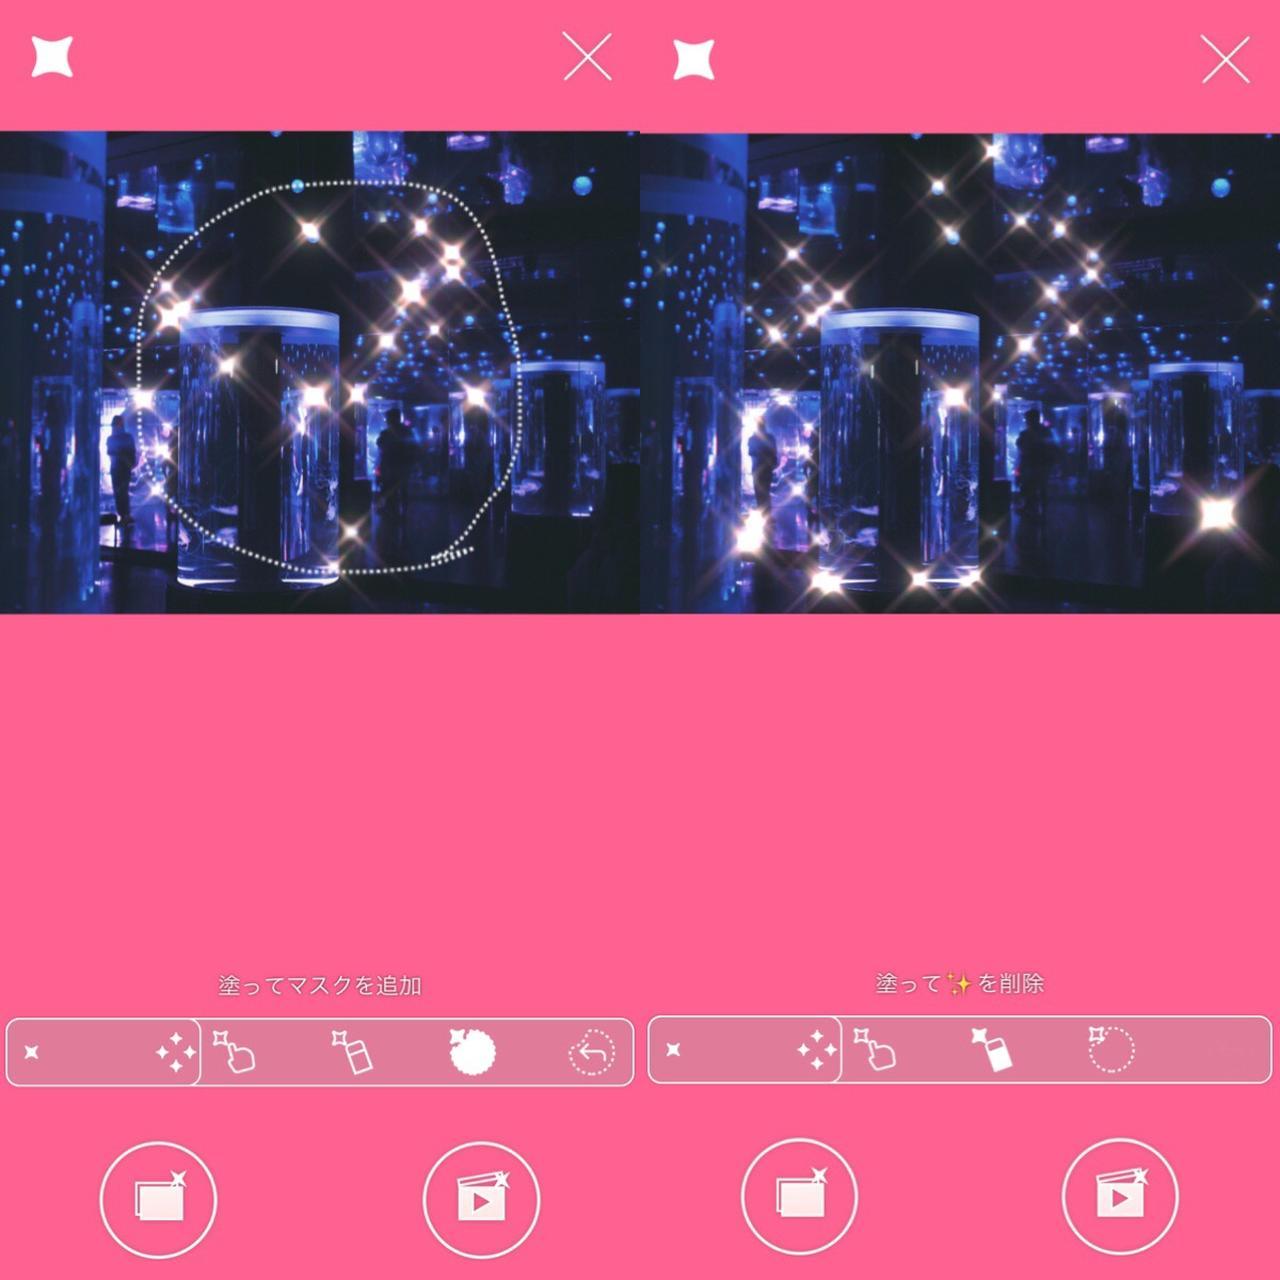 画像2: 保存してある写真から自動でキラキラ加工!キラキラの種類も簡単に選べます。